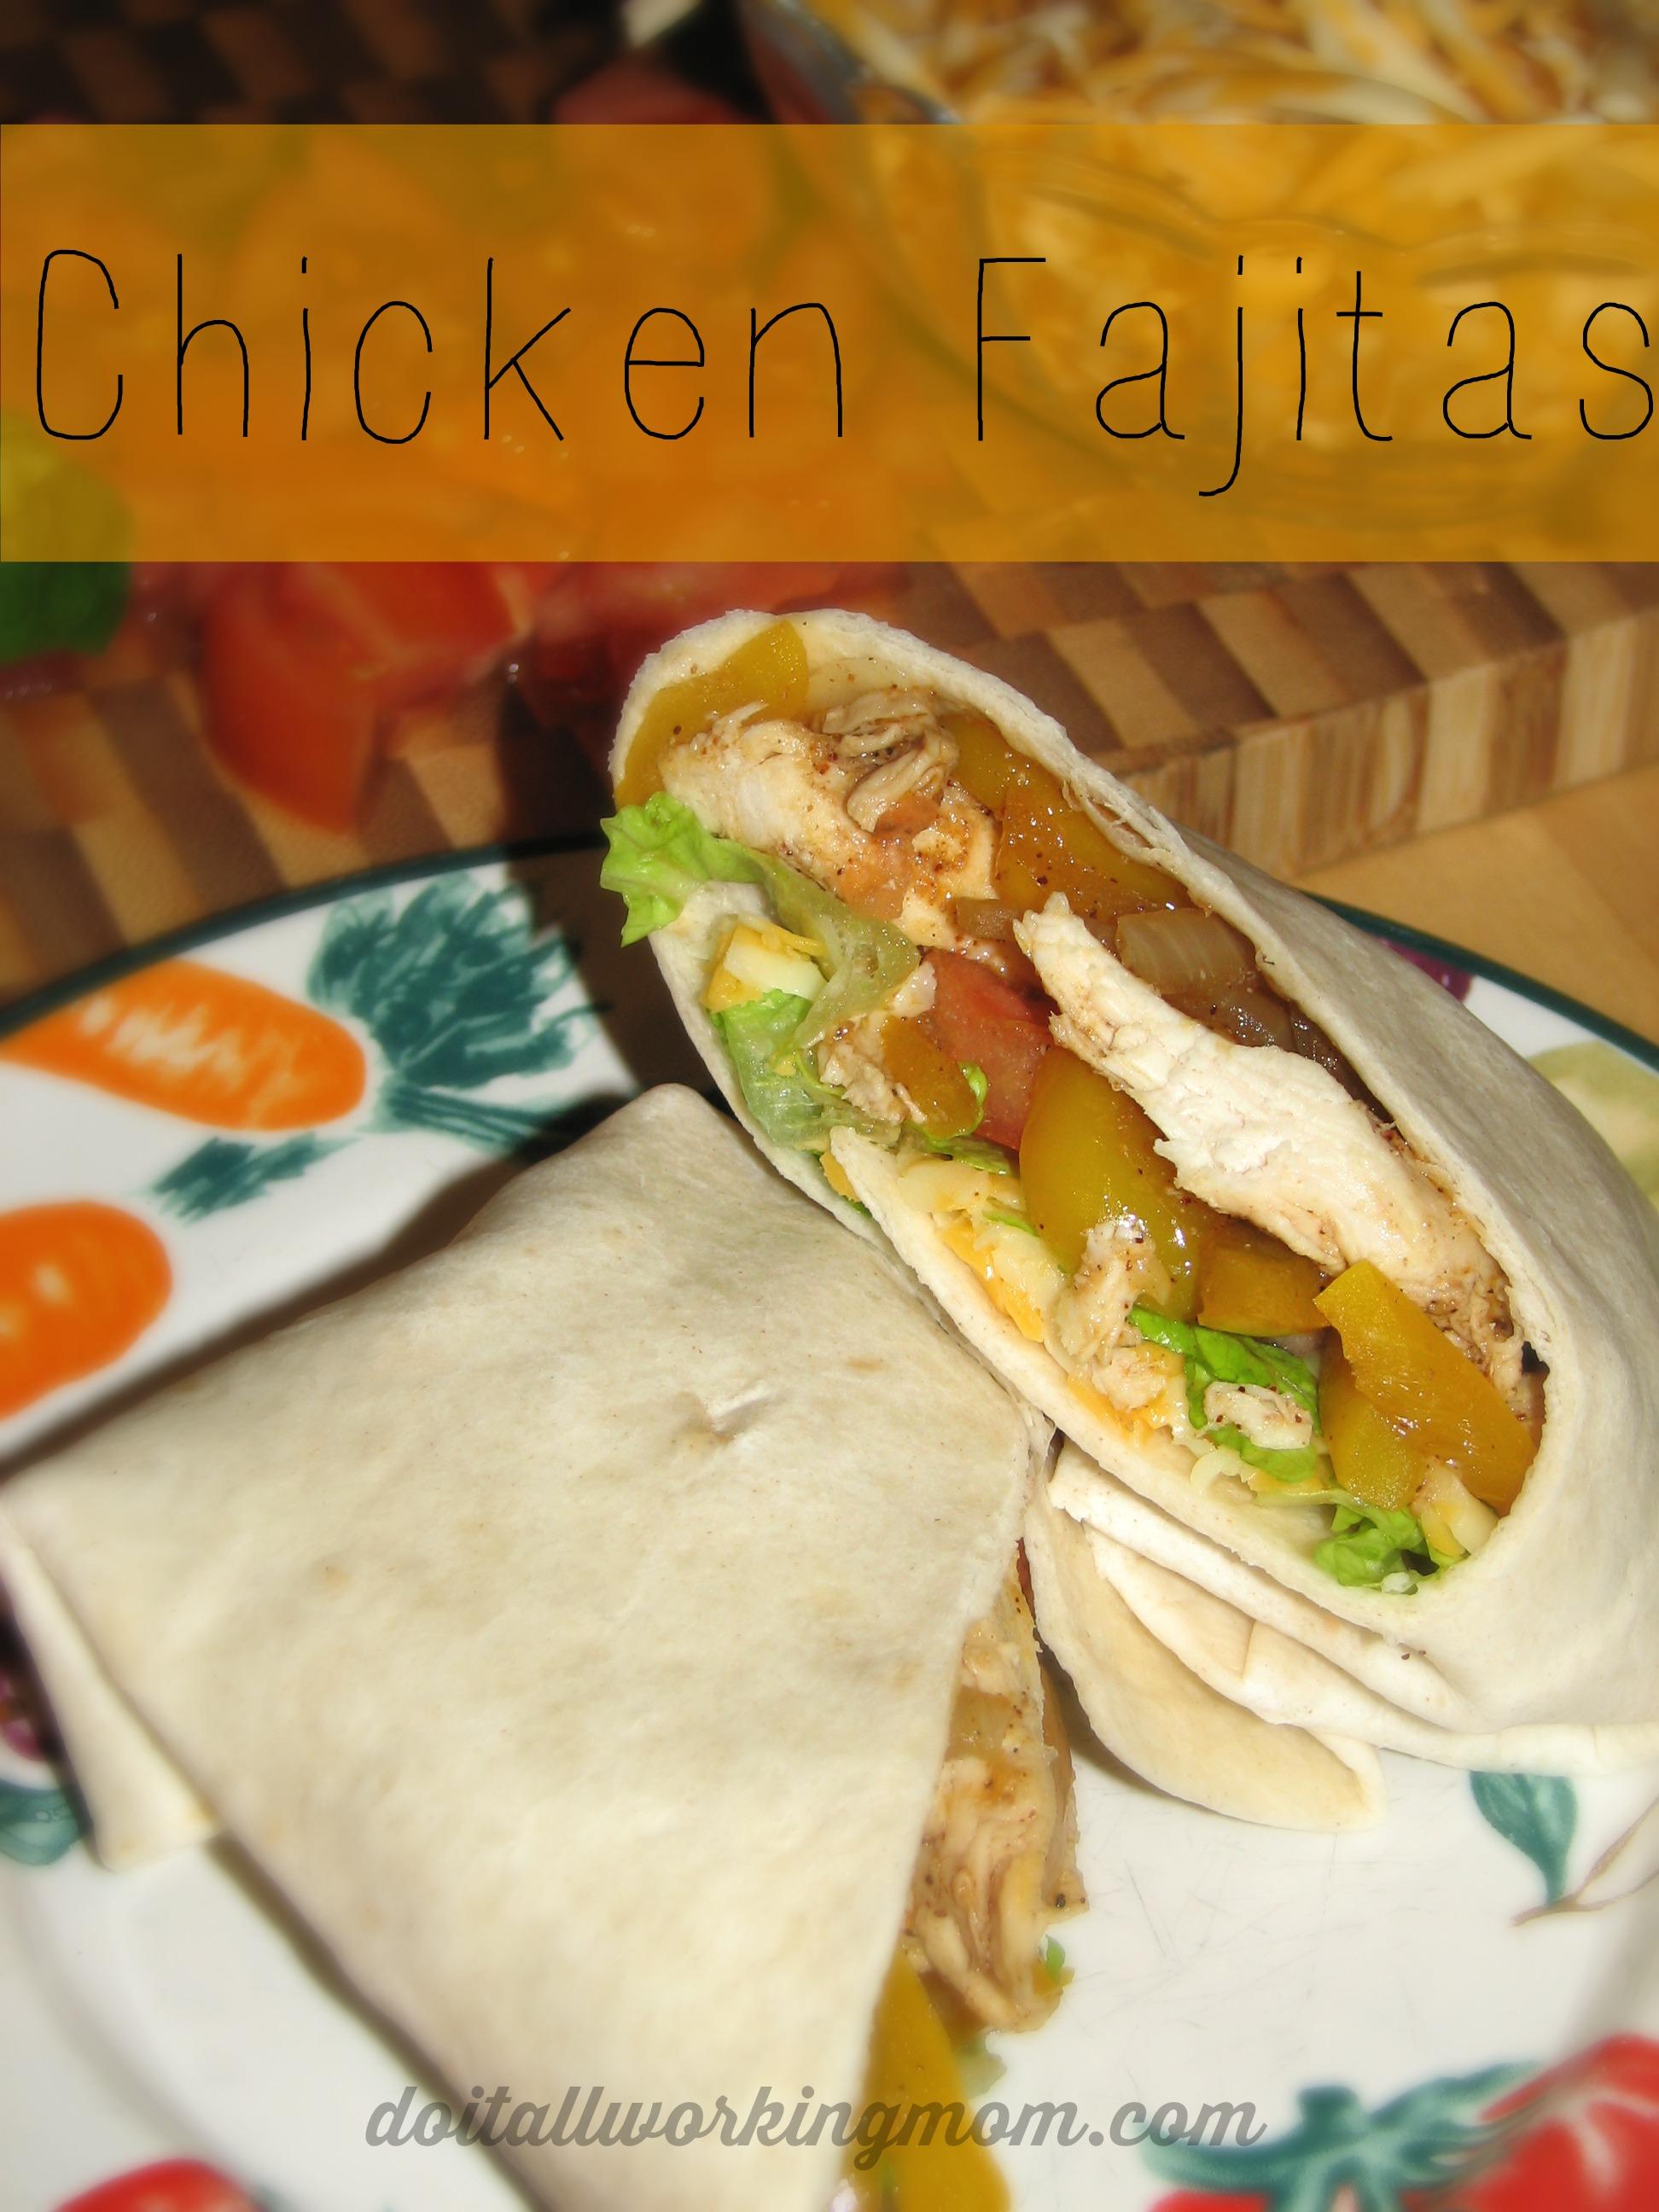 Quick and Easy Chicken Fajitas Recipe